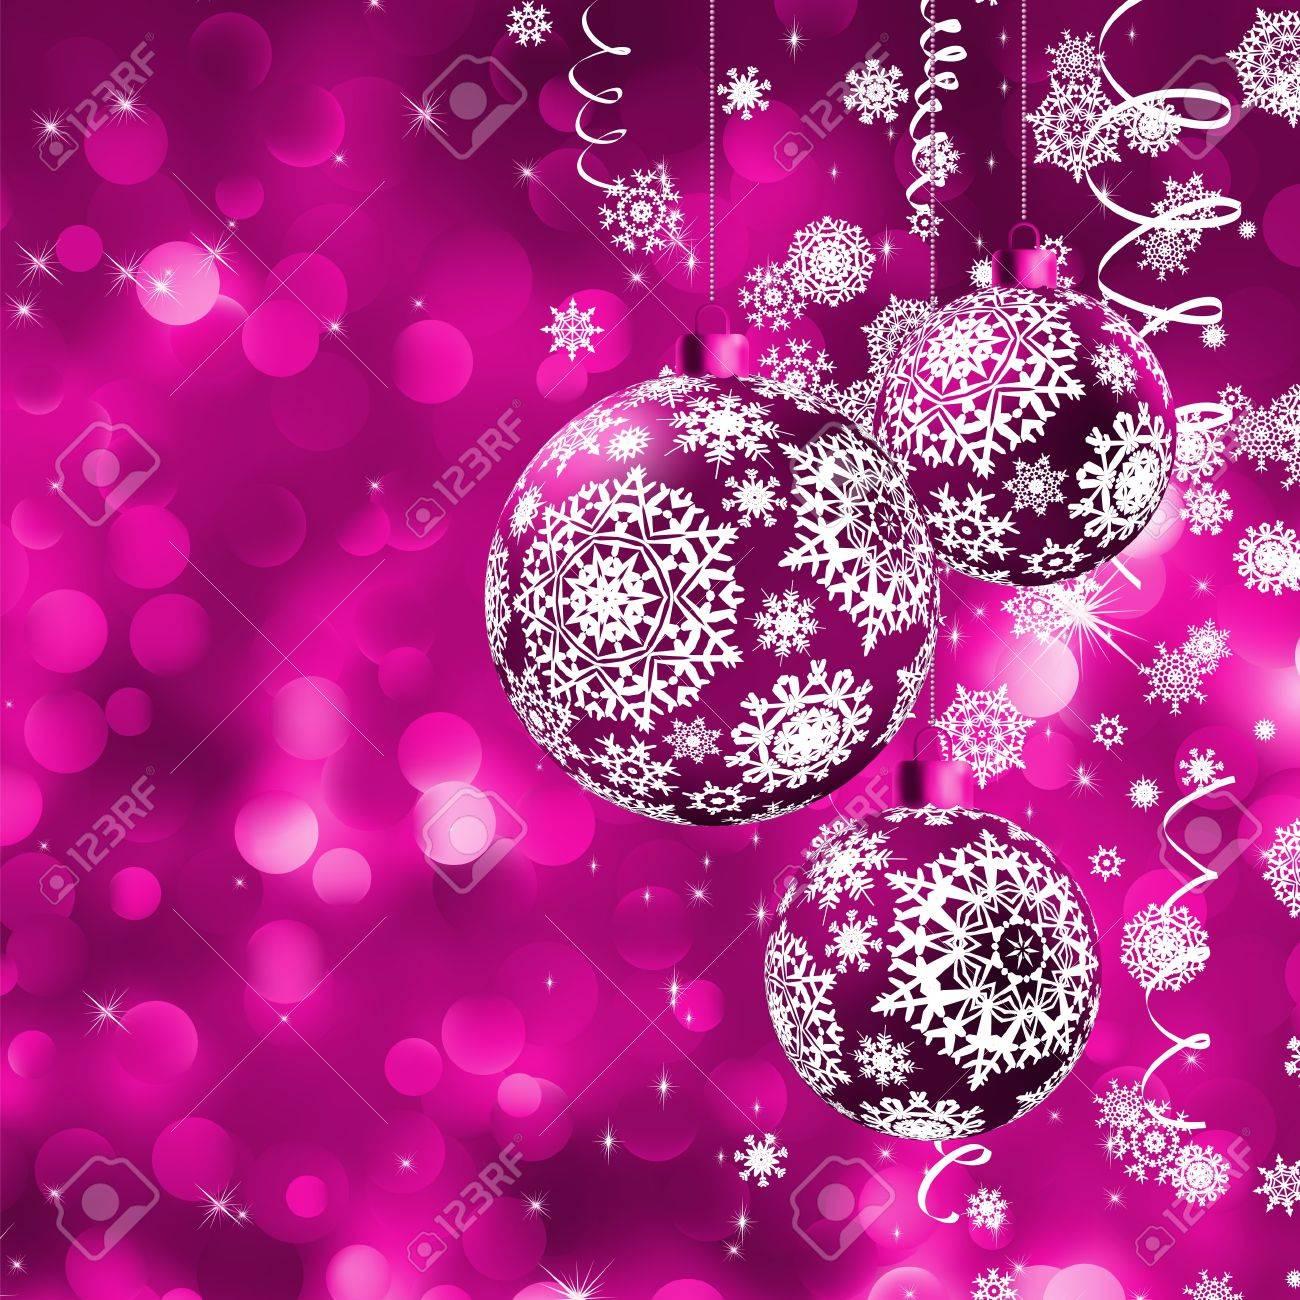 elegante tarjeta de navidad con bolas foto de archivo